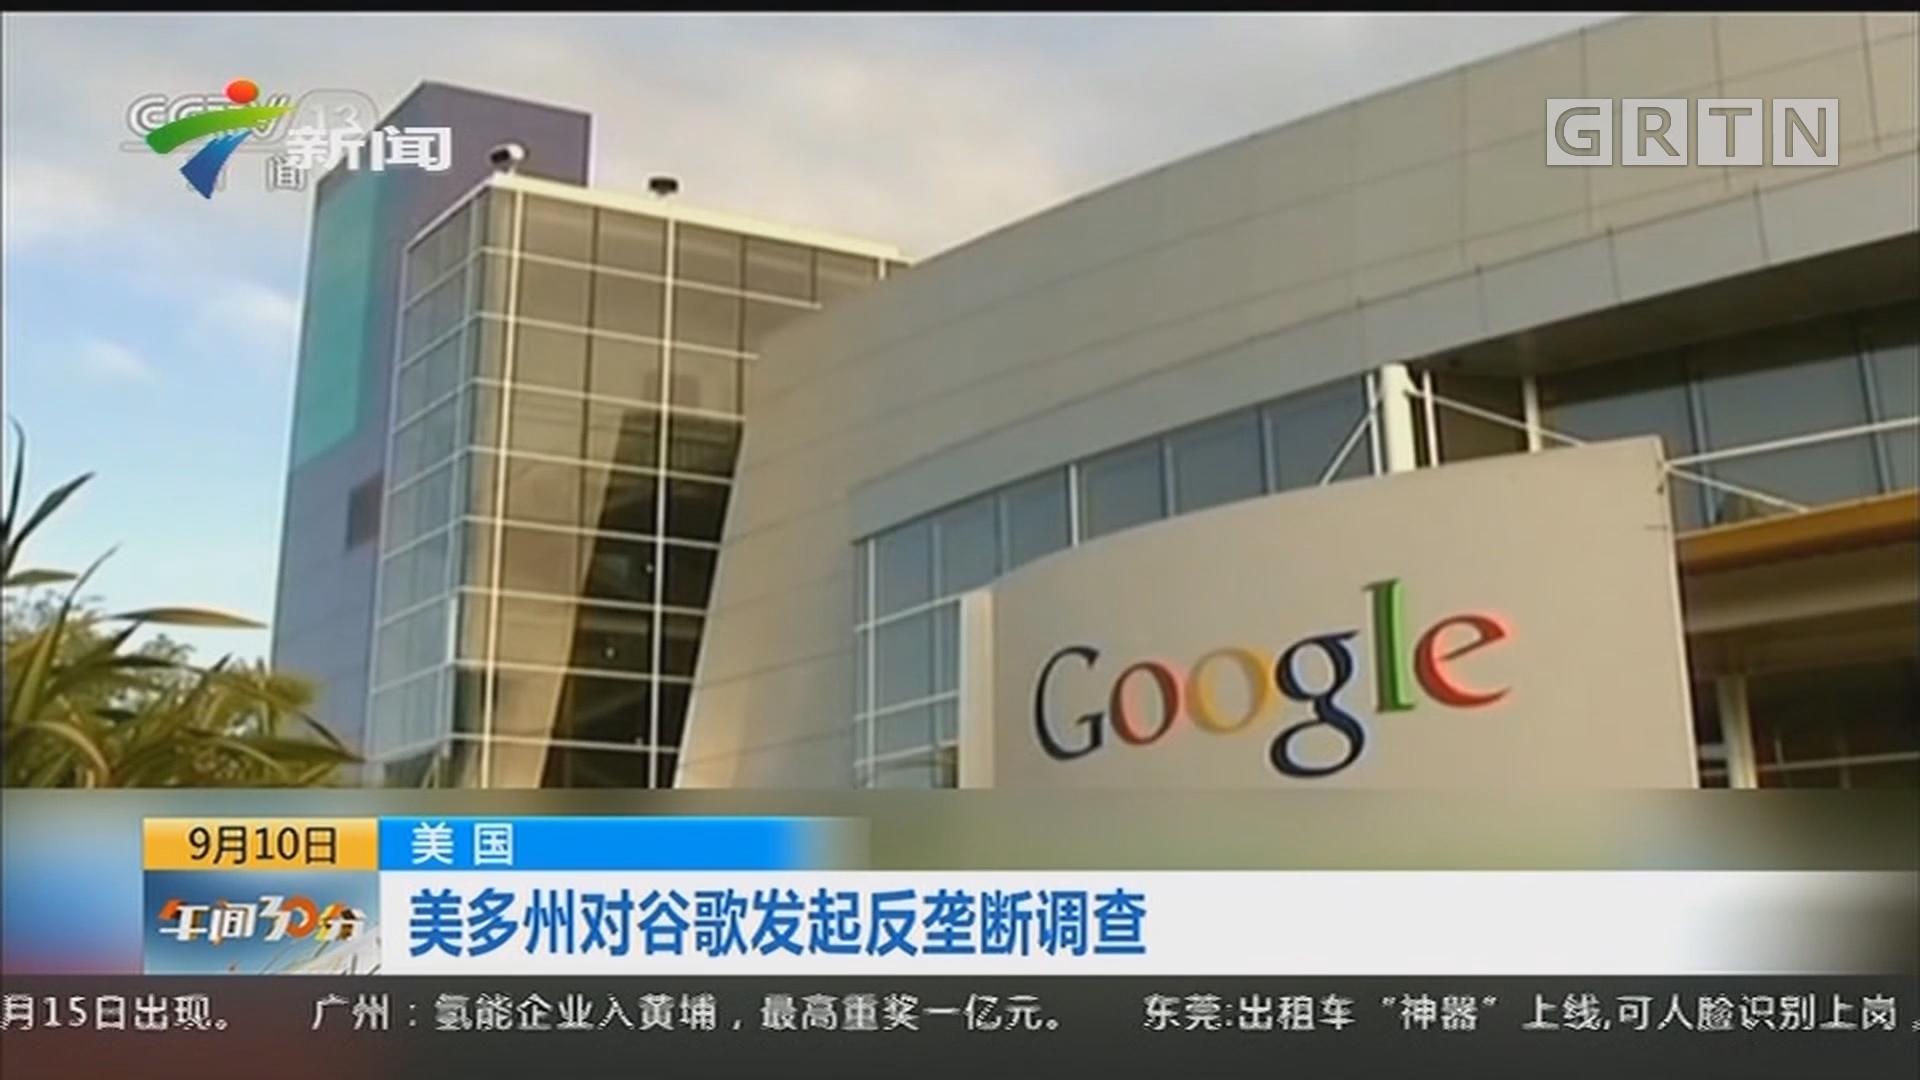 美国:美多州对谷歌发起反垄断调查